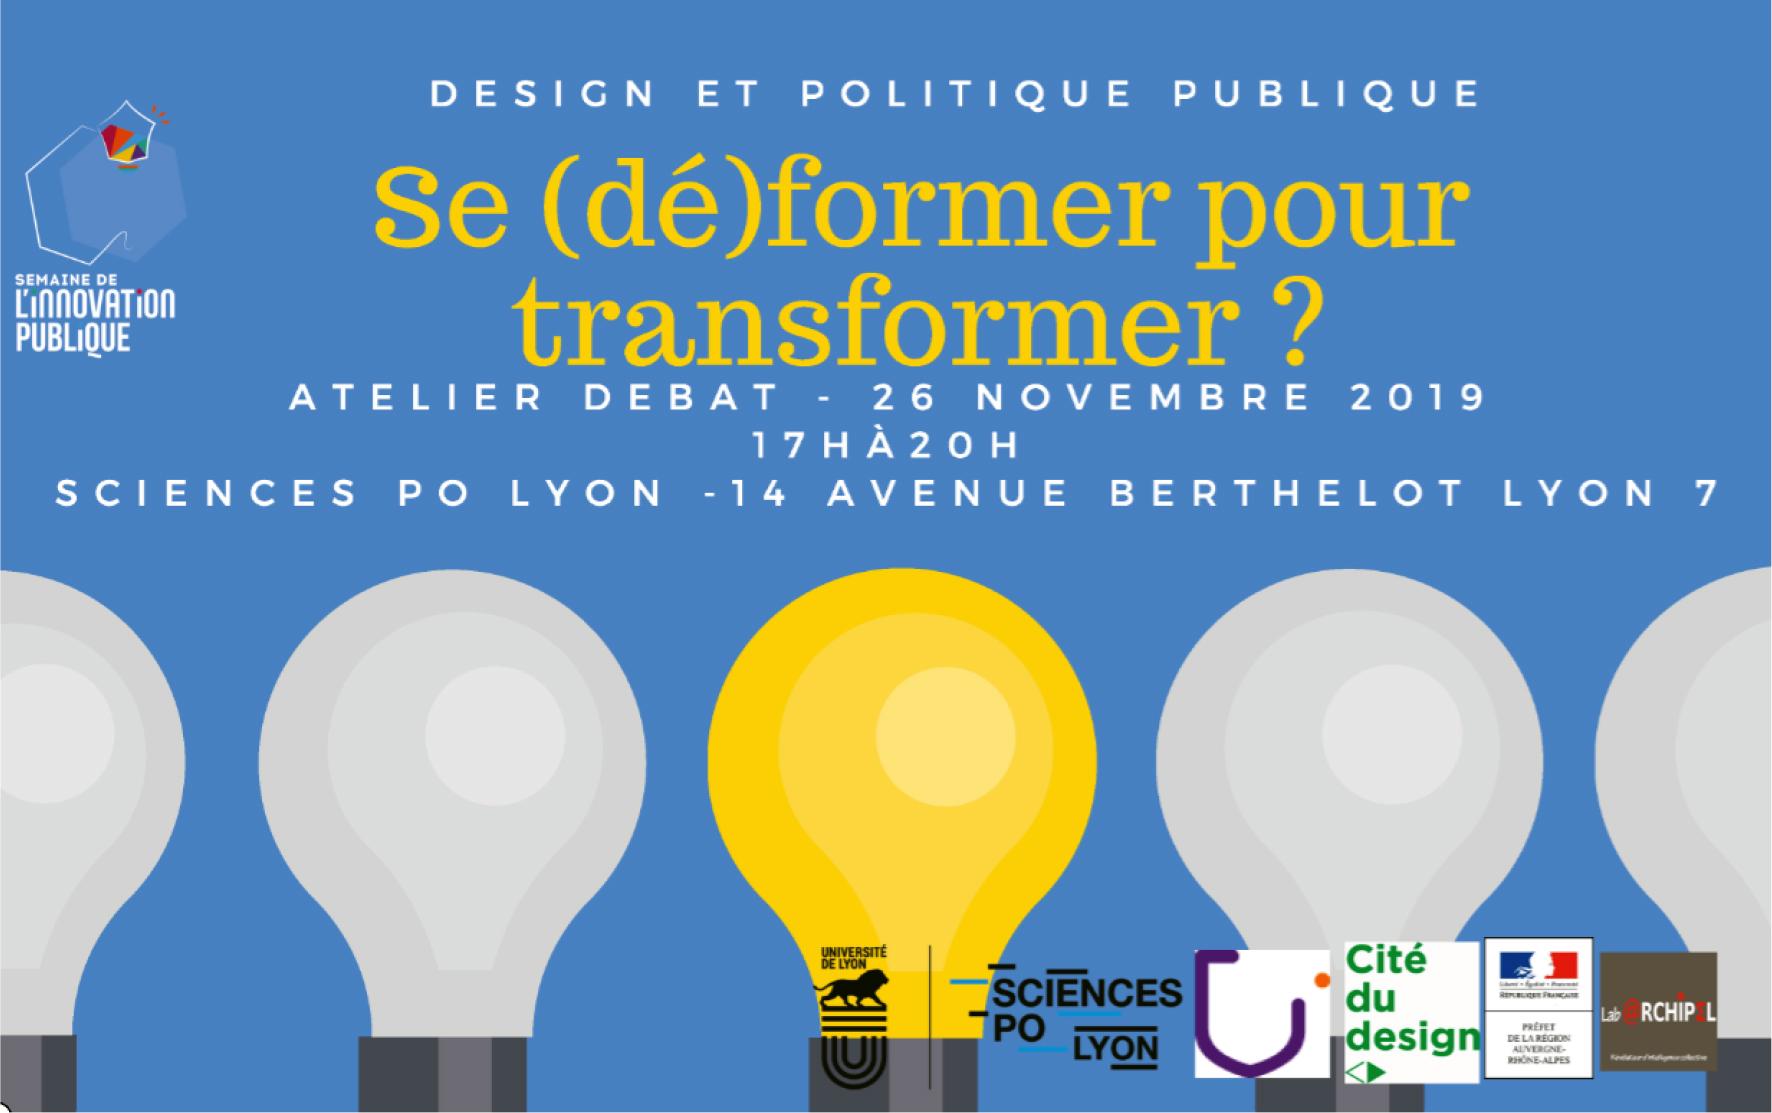 Design et politique publique : Se (dé)former pour transformer